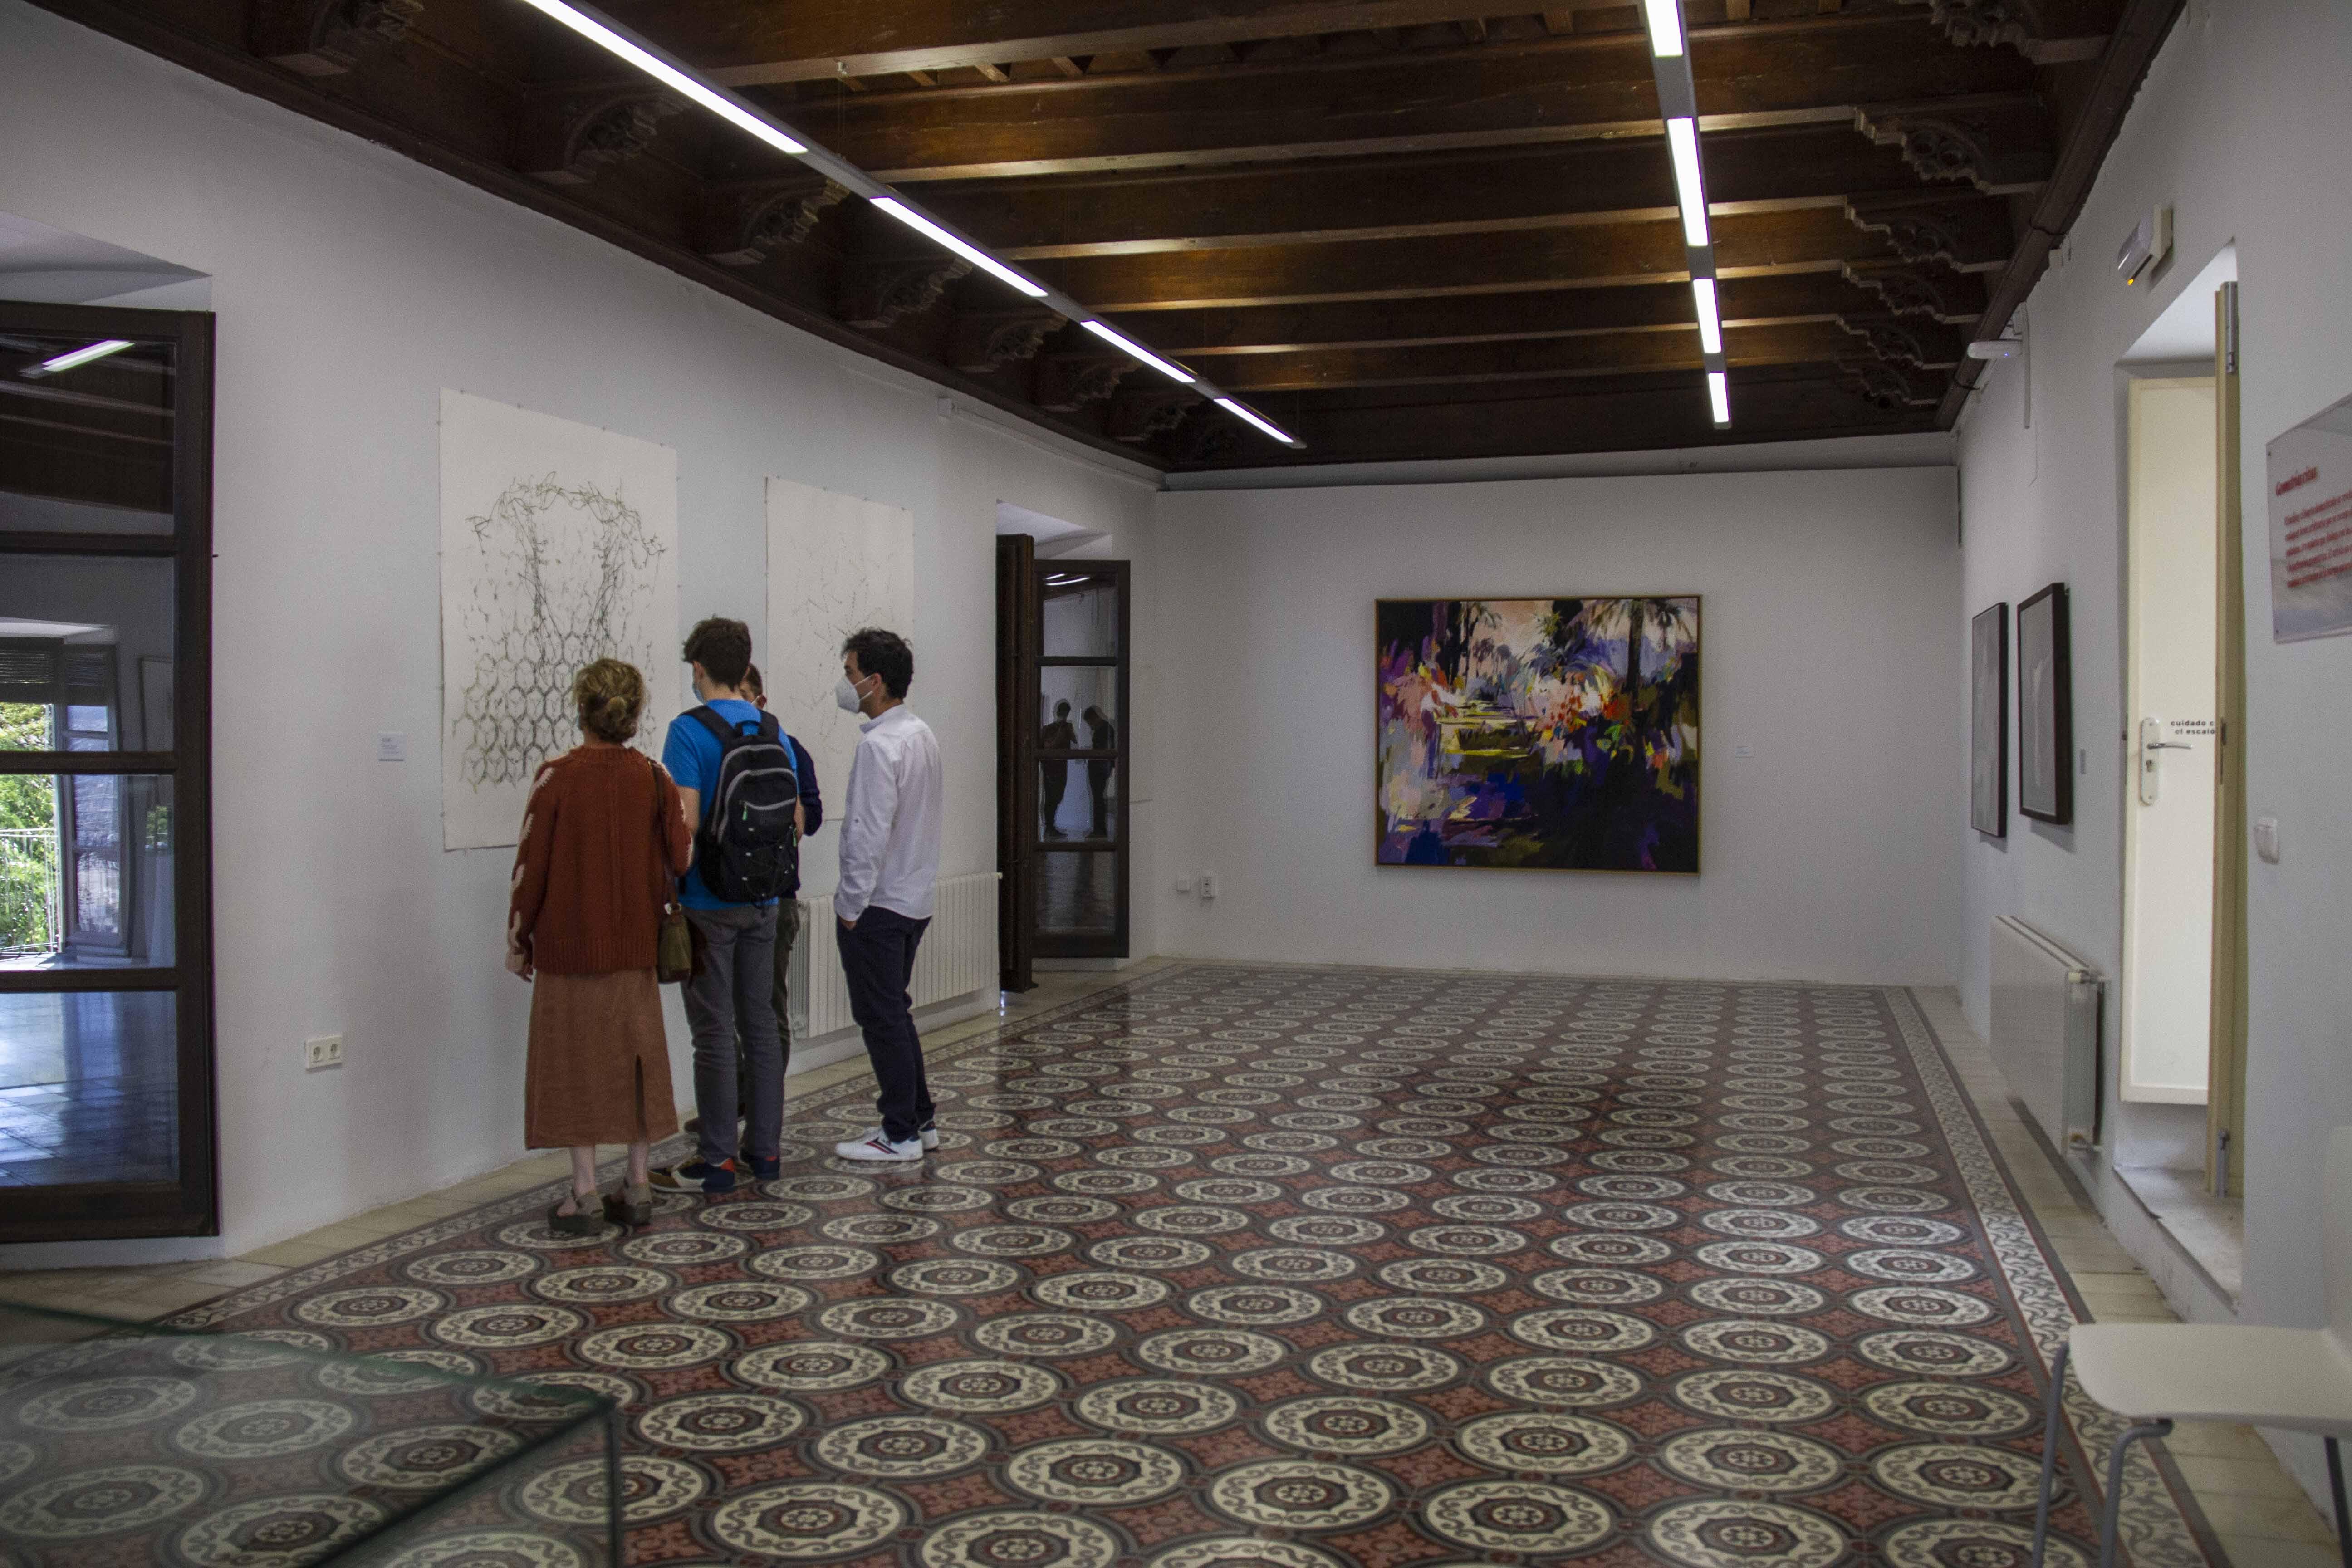 'Granada, jardín abierto', la gran exposición en torno a uno de los espacios más relevantes en la cultura granadina, ya se puede visitar en el Palacio del Almirante